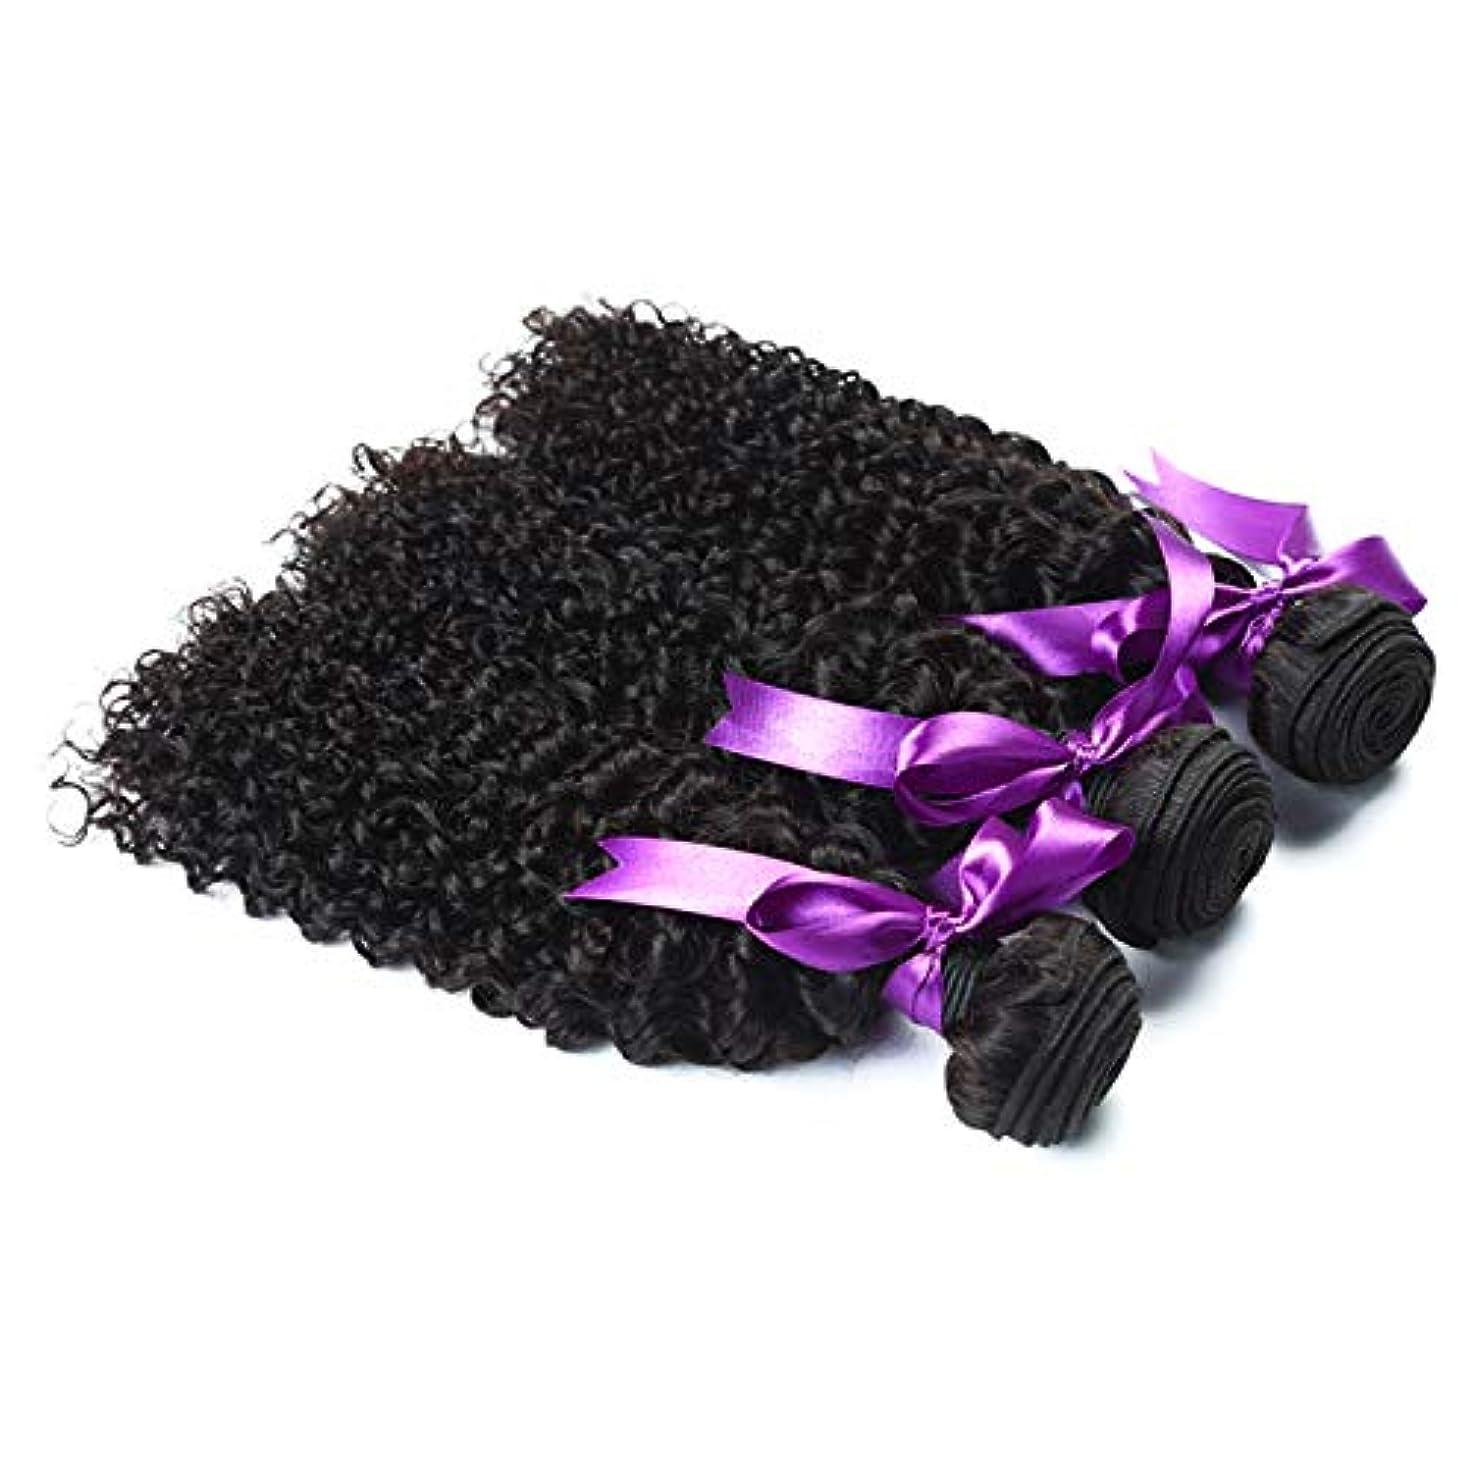 軍窓を洗う慎重かつら マレーシアの変態巻き毛3束お得な価格非Remy人間の髪織りエクステンションナチュラルブラック人間の髪の毛のかつら (Length : 8 10 12)